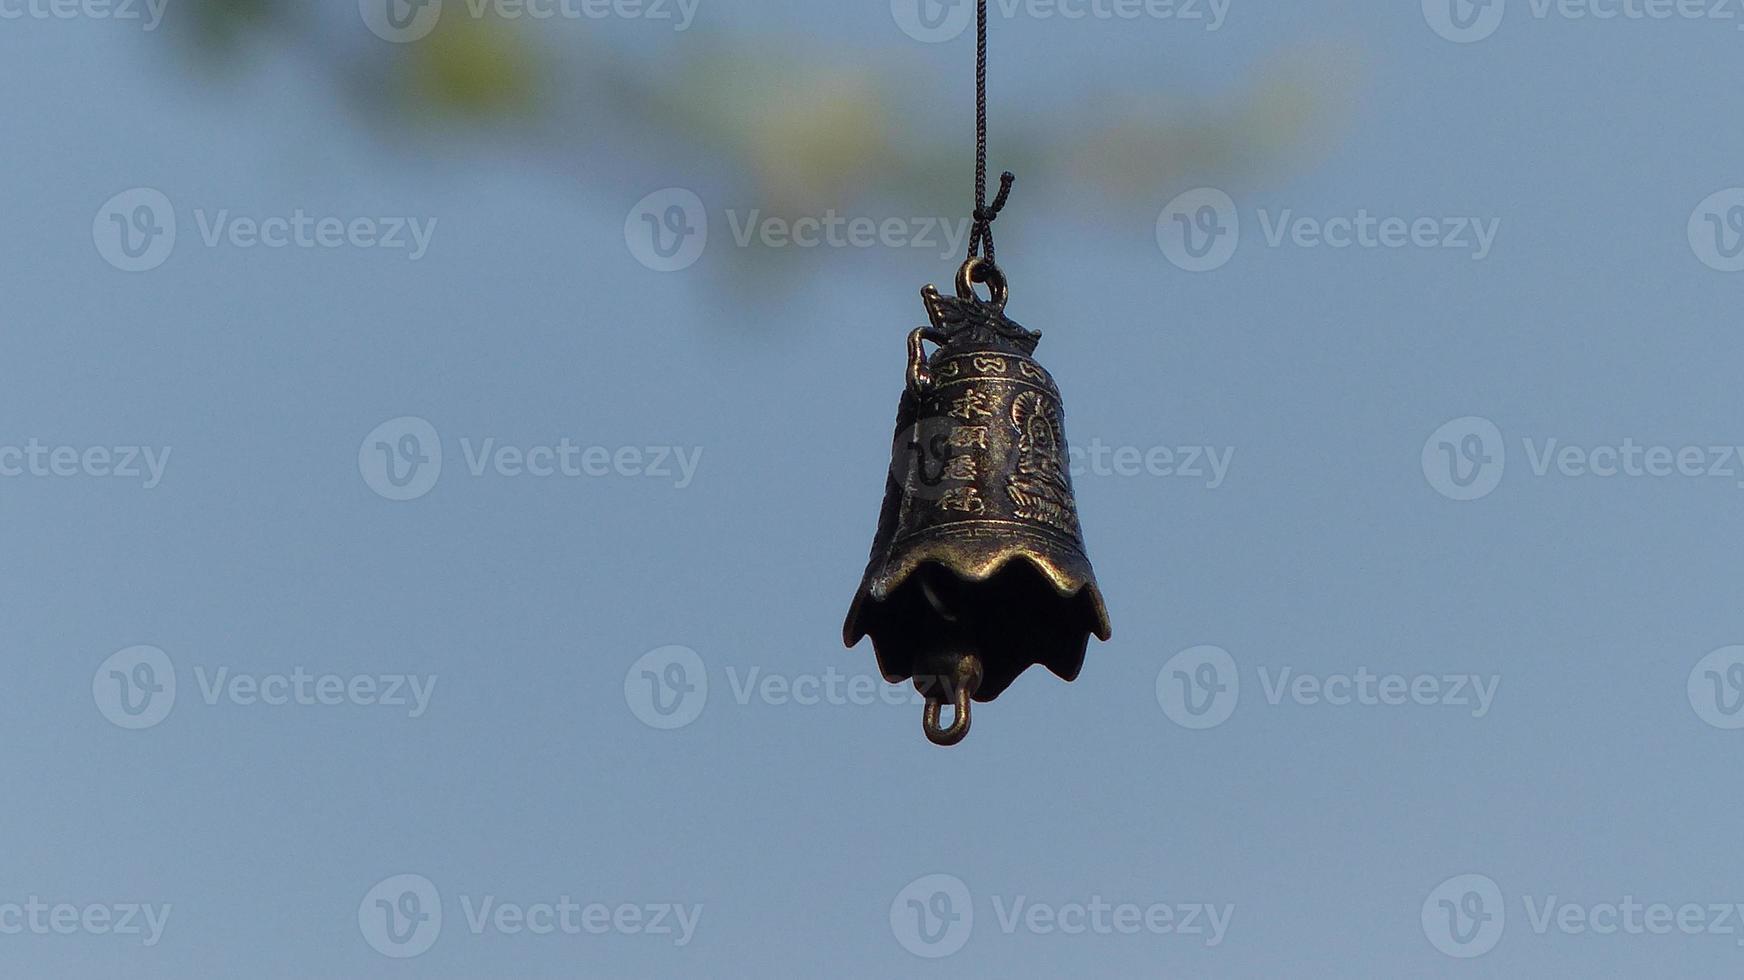 alrededor de nuestro estanque: el manzano y las campanas ... foto